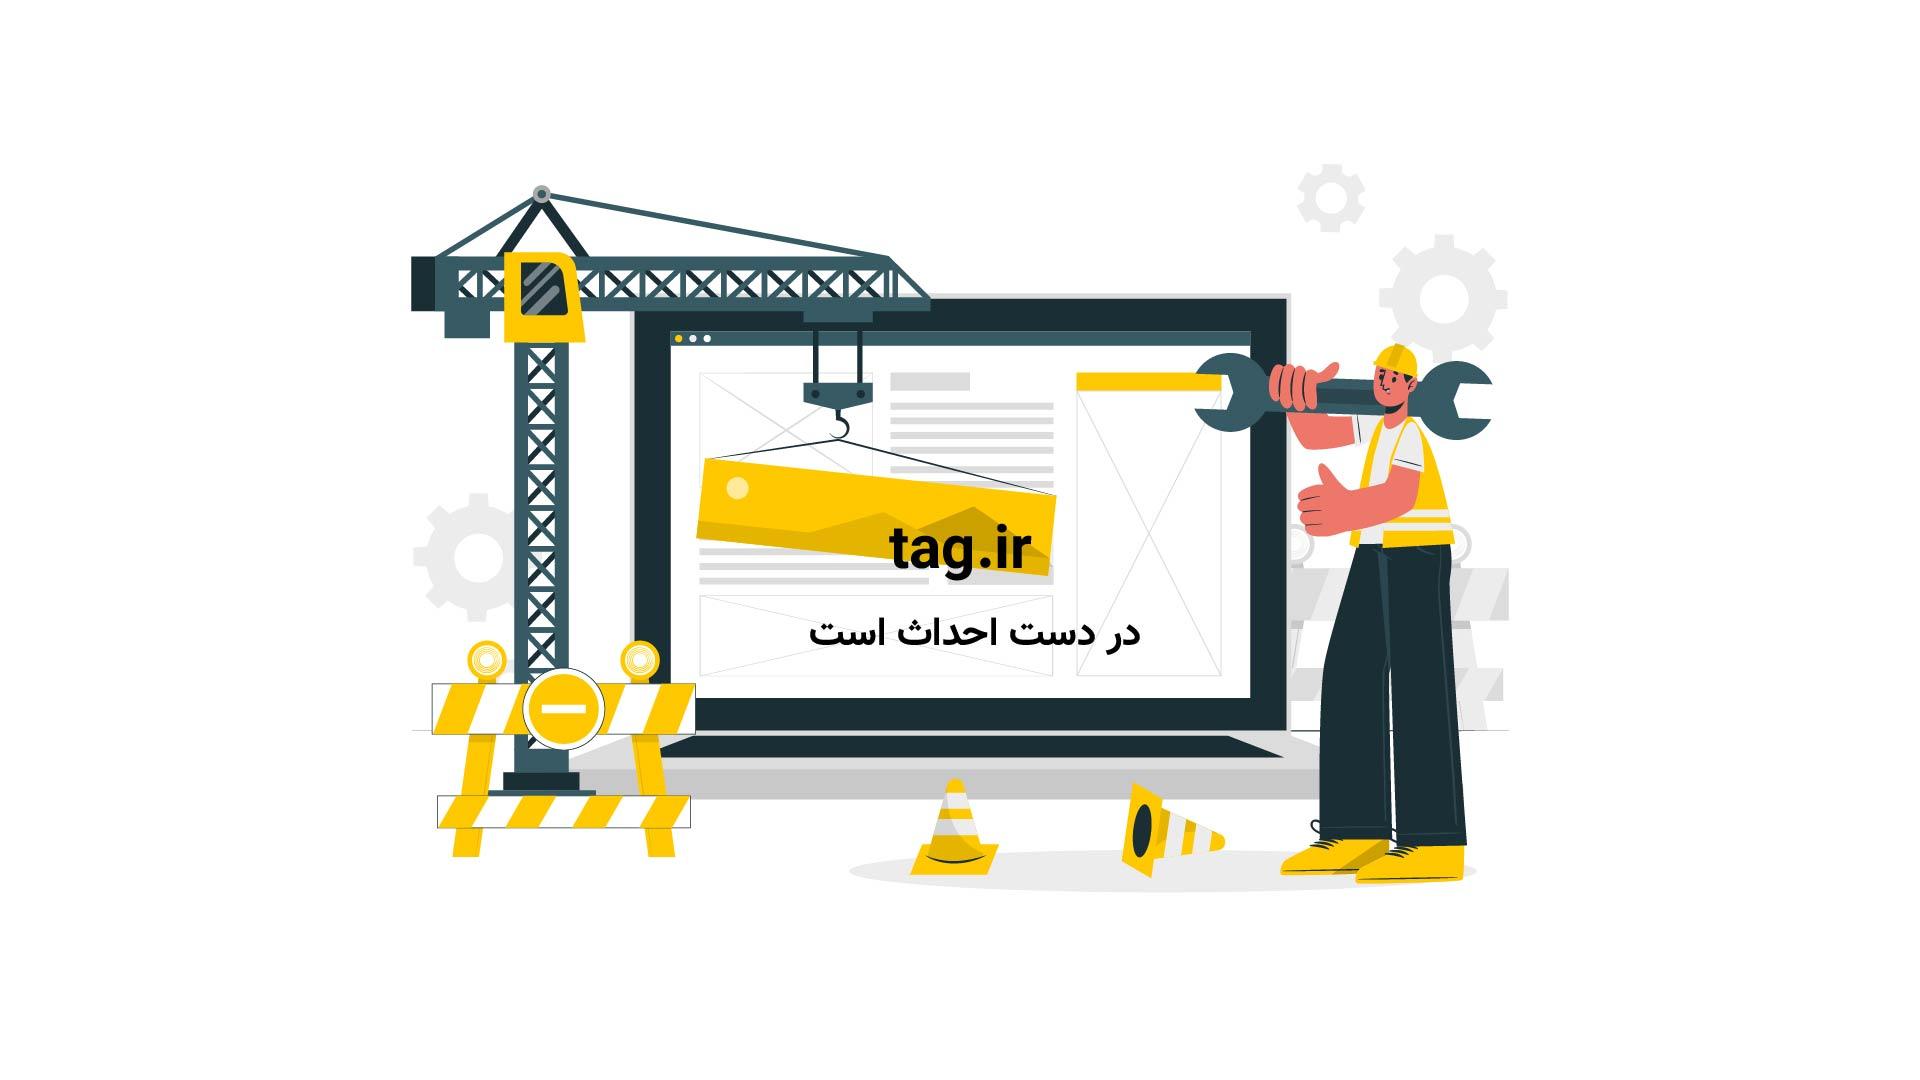 موتورسیکلت با ایمنی کامل | فیلم